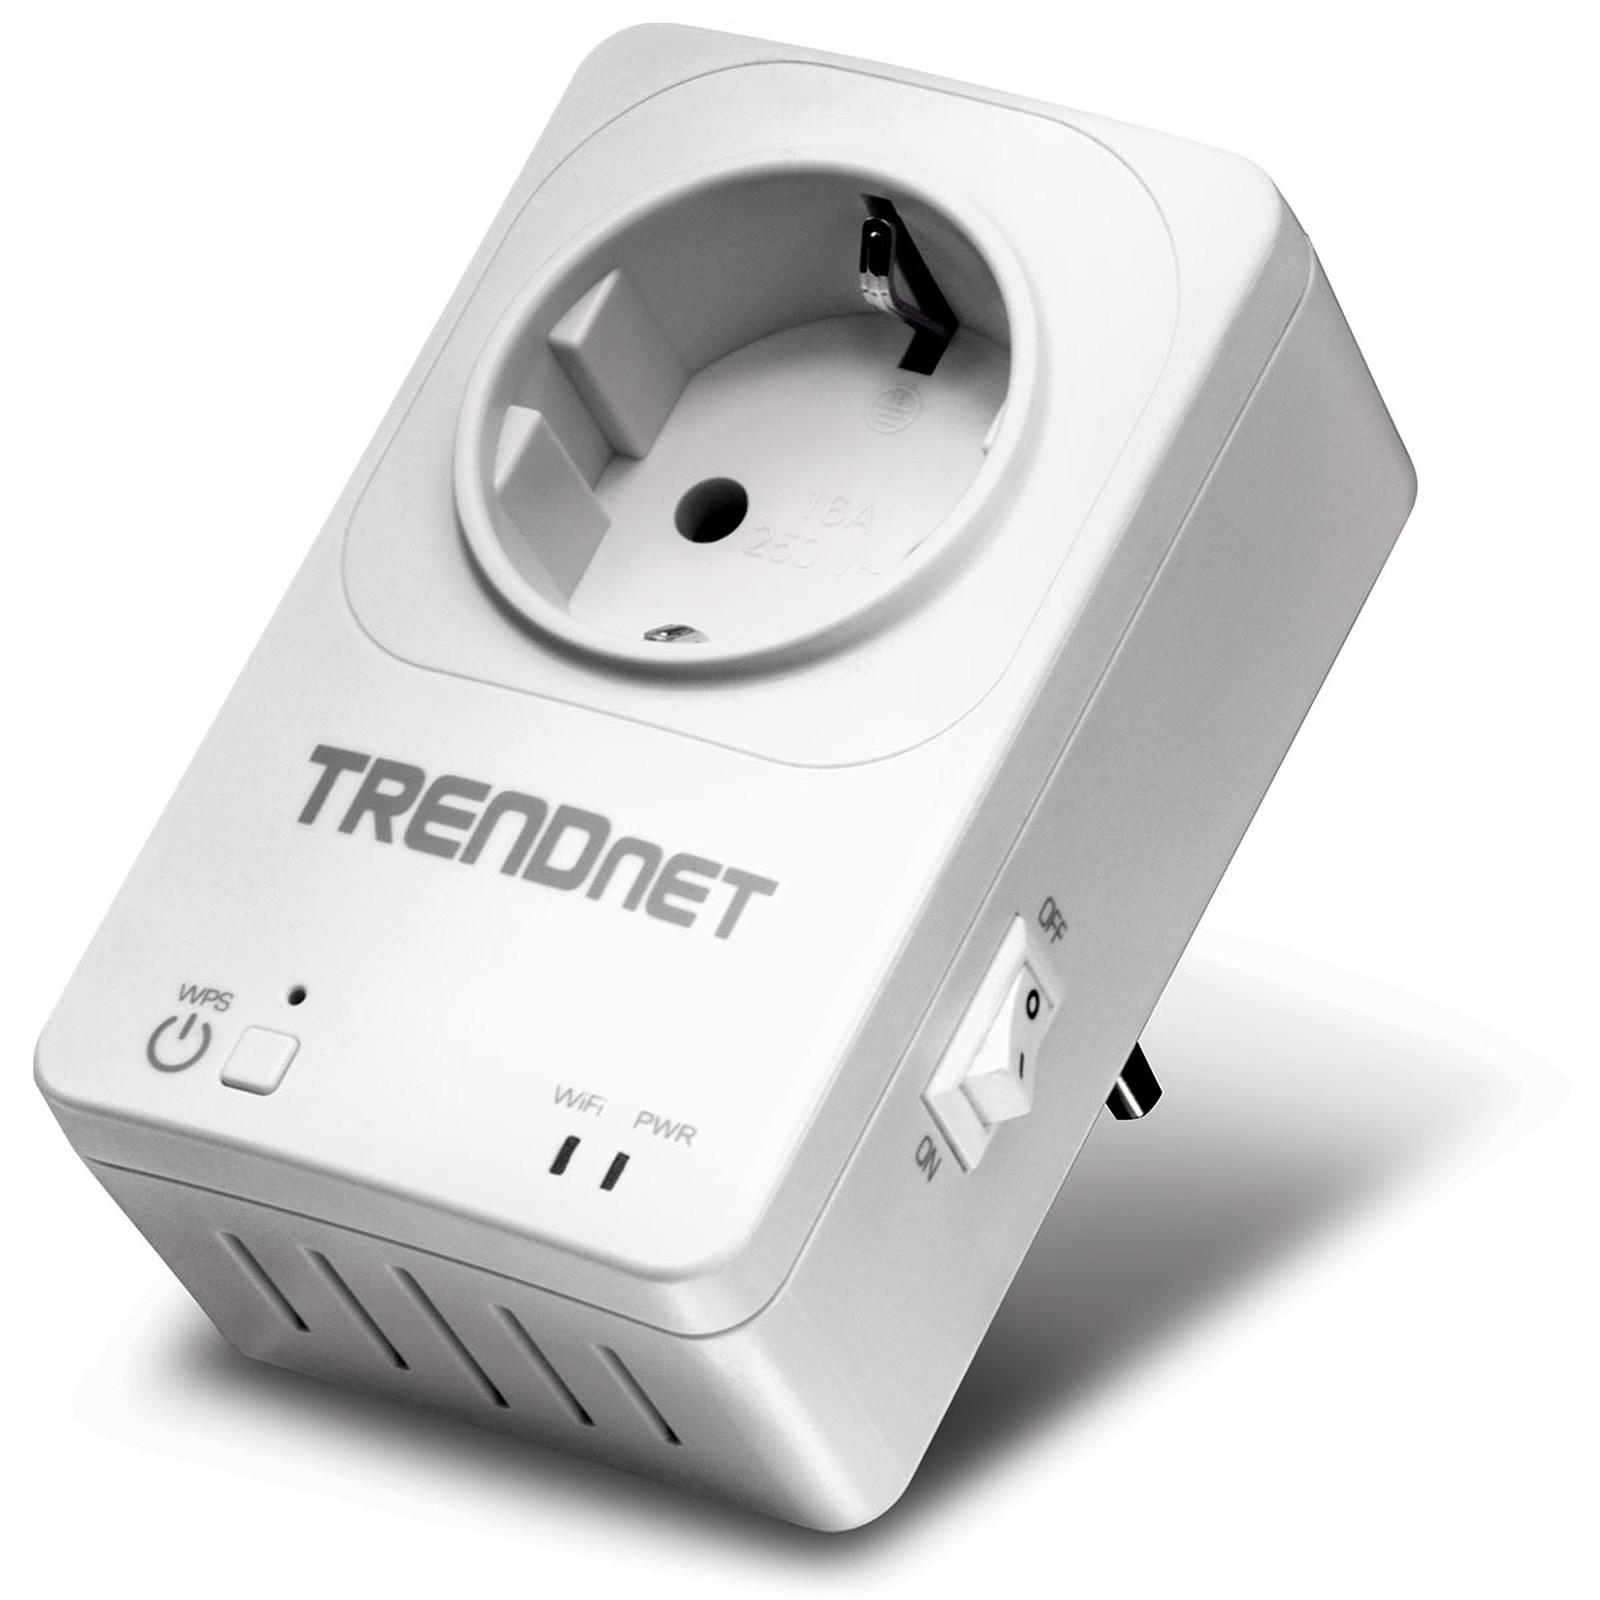 TRENDnet Home smart switch THA-101